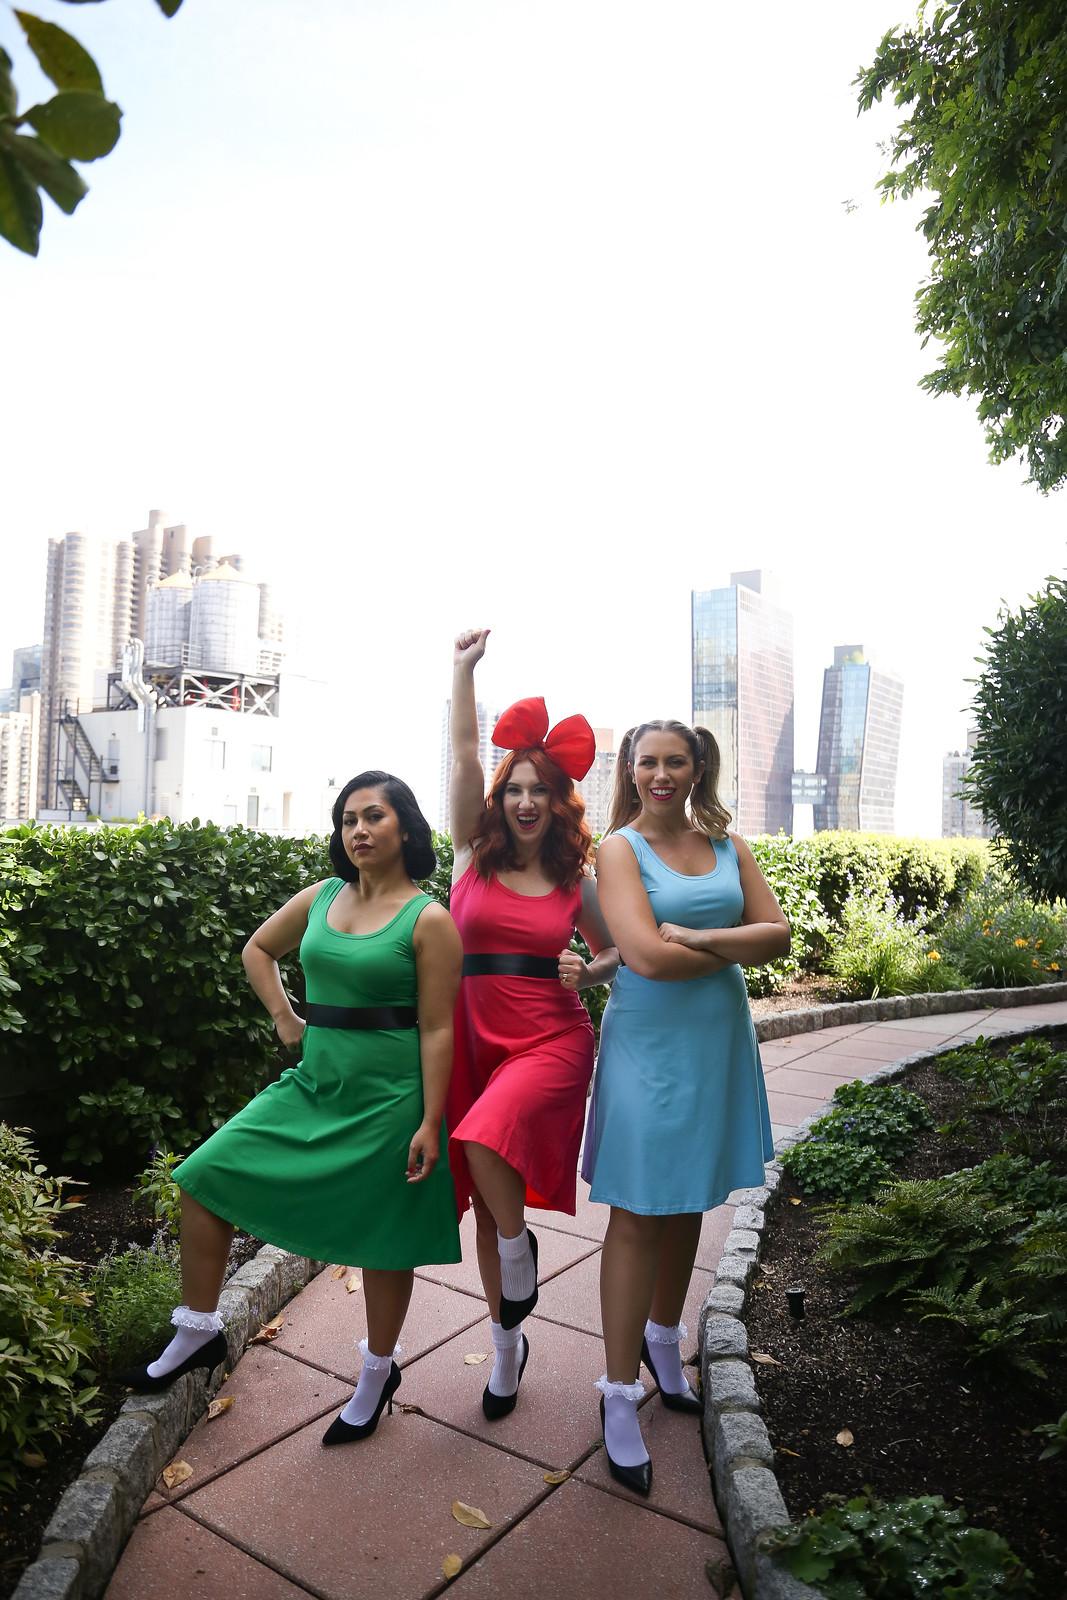 Powerpuff Girls Halloween Costumes | Easy Amazon Prime Halloween Costume Ideas | One Dress Halloween Costume | Girl Group Costumes | Best Friends Halloween Costumes